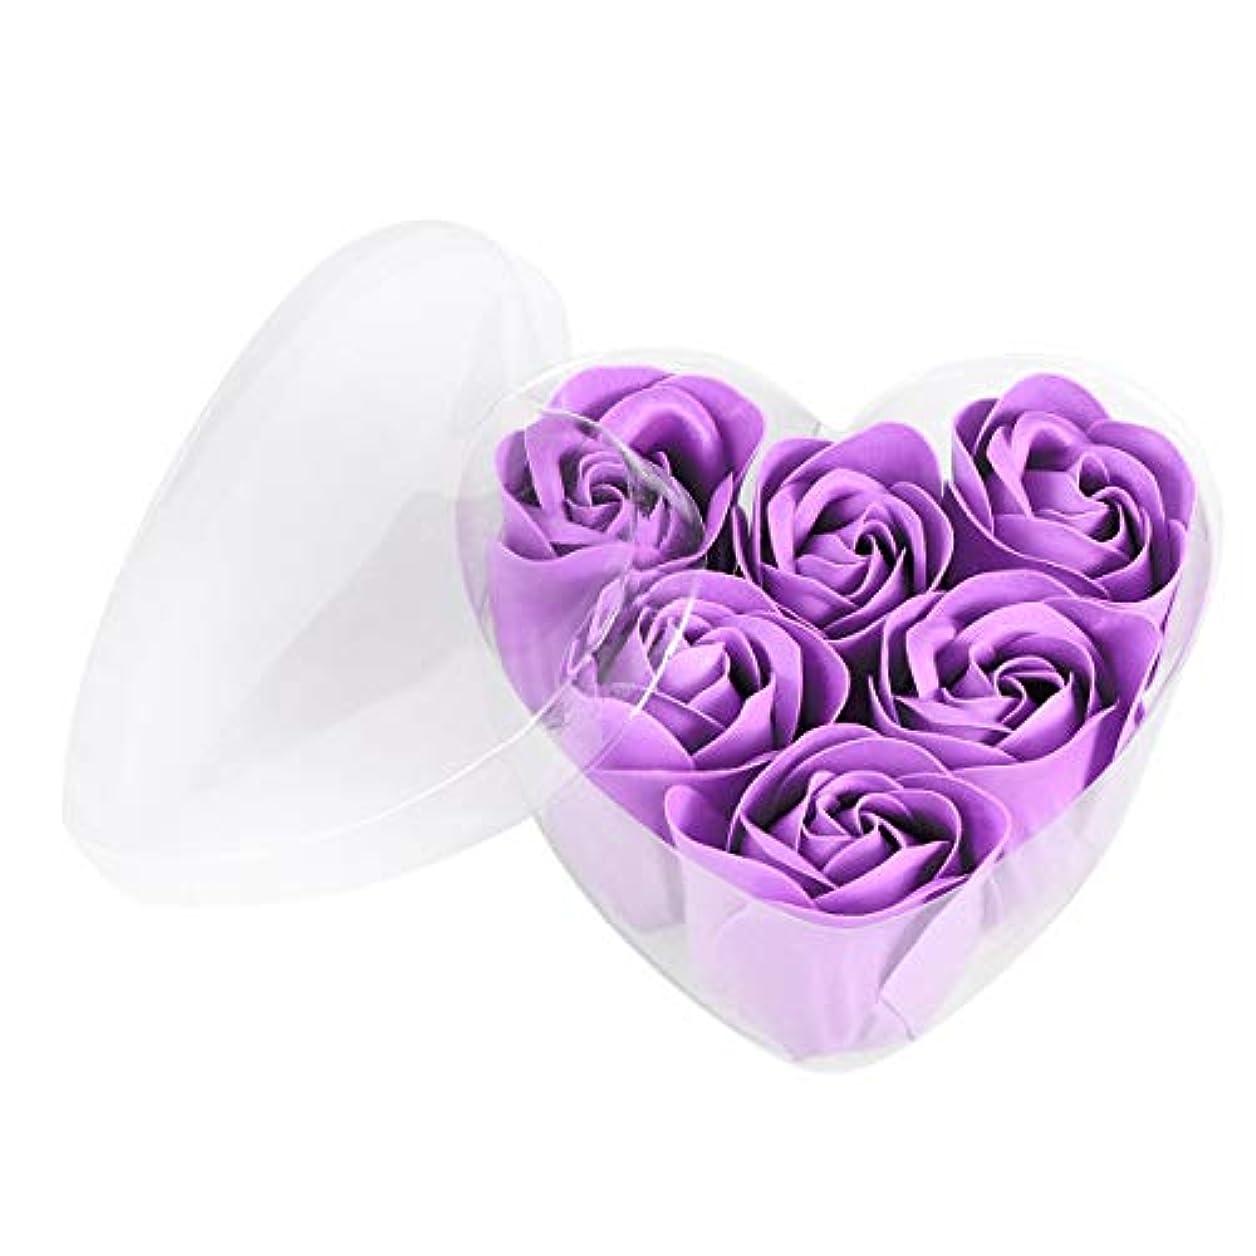 幻滅するオーナー礼儀Beaupretty 6本シミュレーションローズソープハート型フラワーソープギフトボックス結婚式の誕生日Valentin's Day(紫)